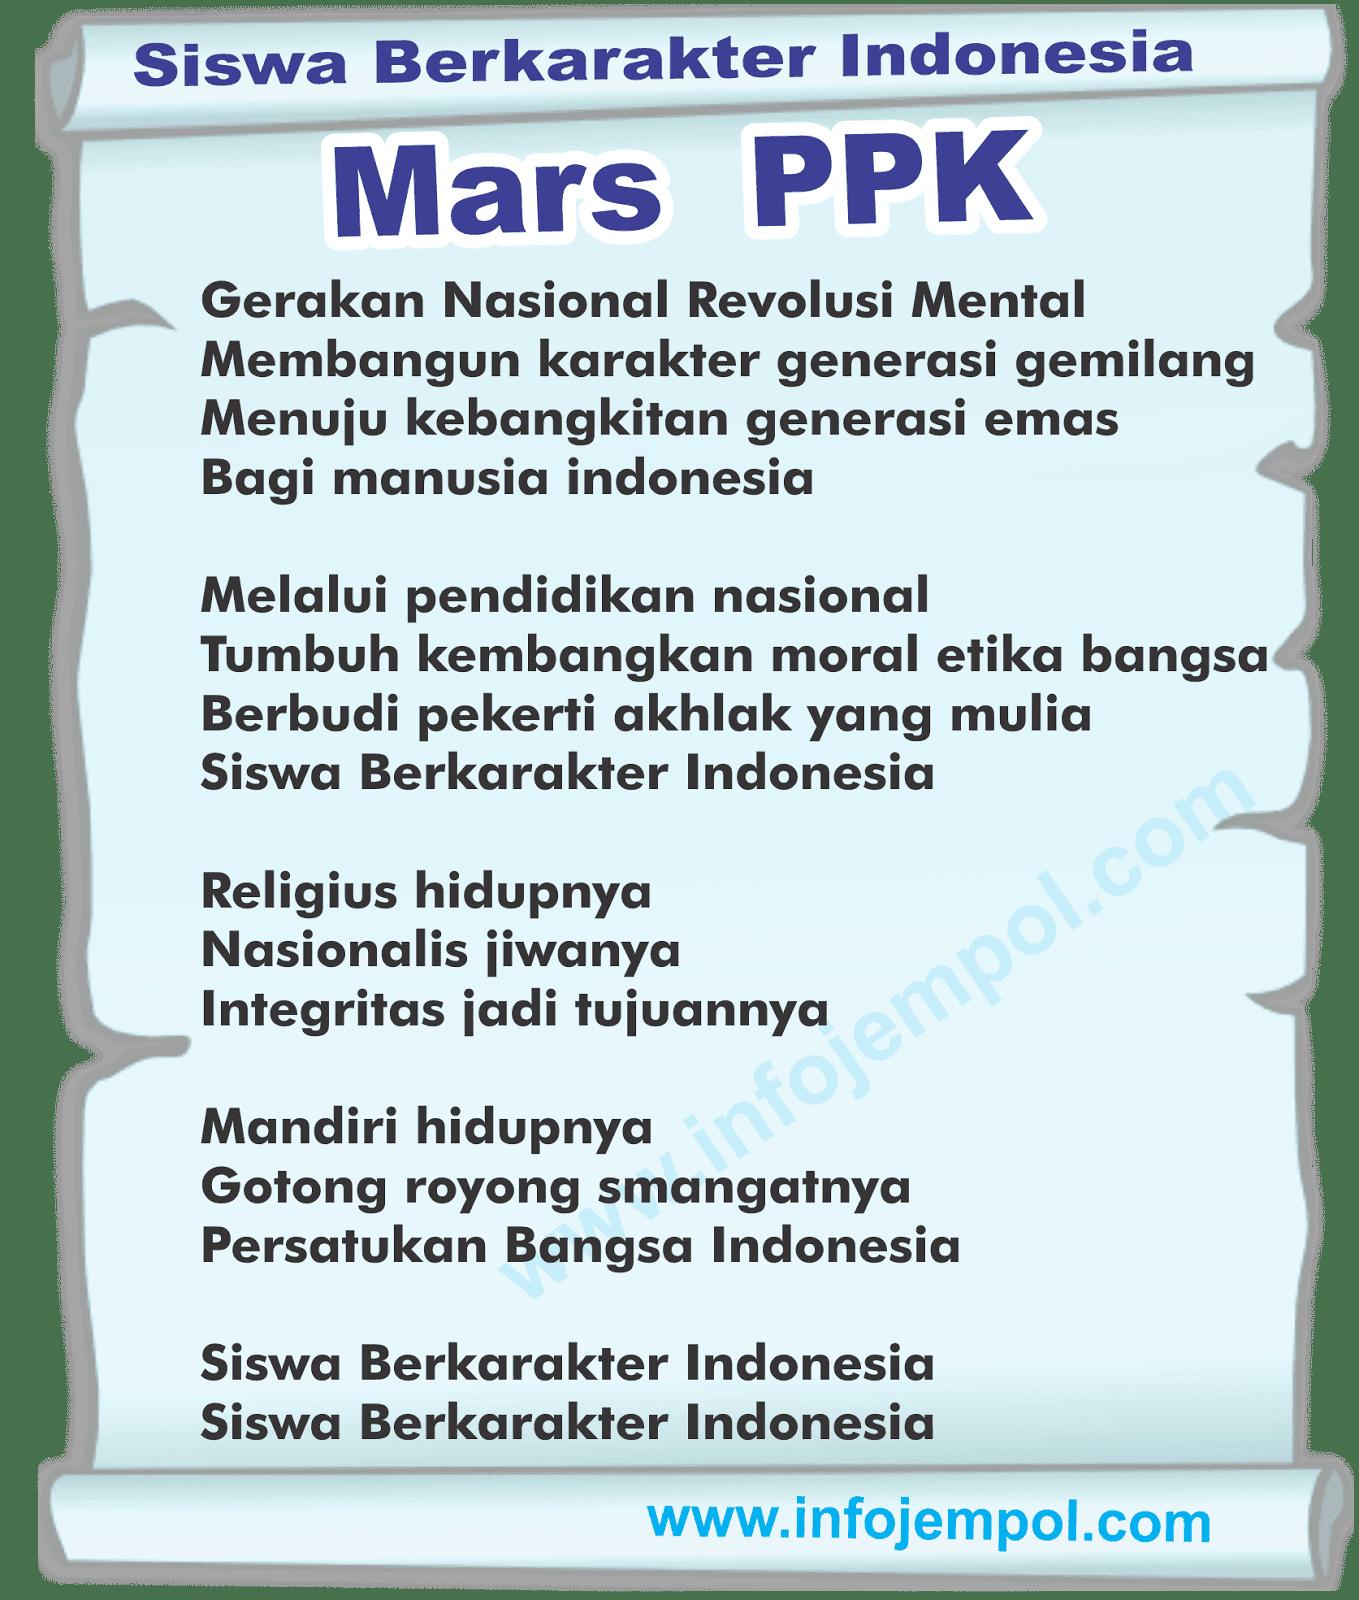 Lirik Lagu MARS PPK (Siswa Berkarakter Indonesia) - Download